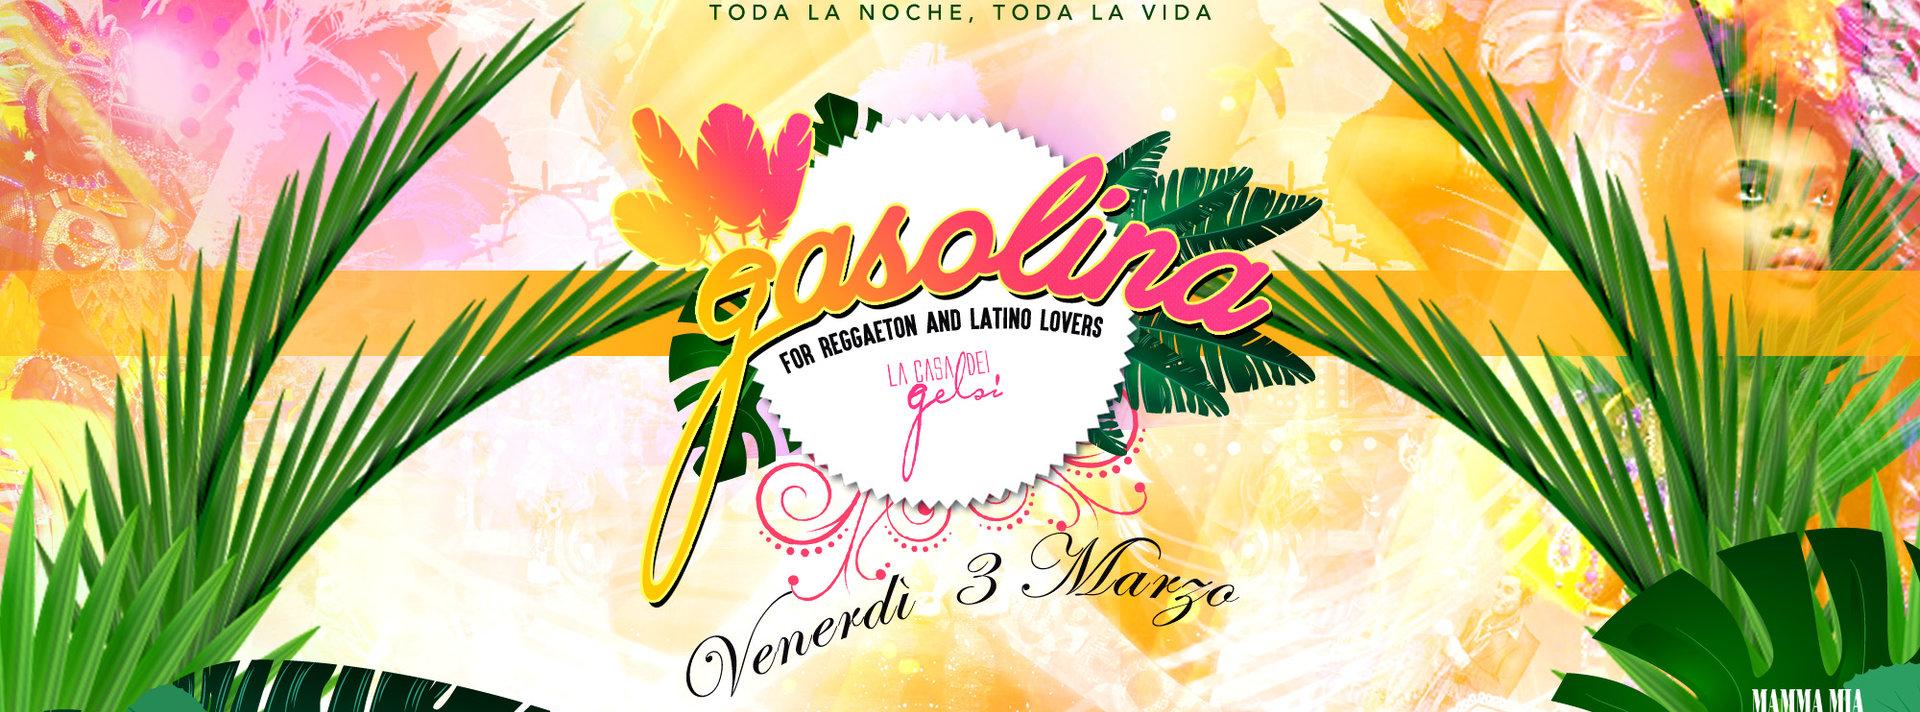 Gasolina - Serata latina e reggaeton ai Gelsi - 3